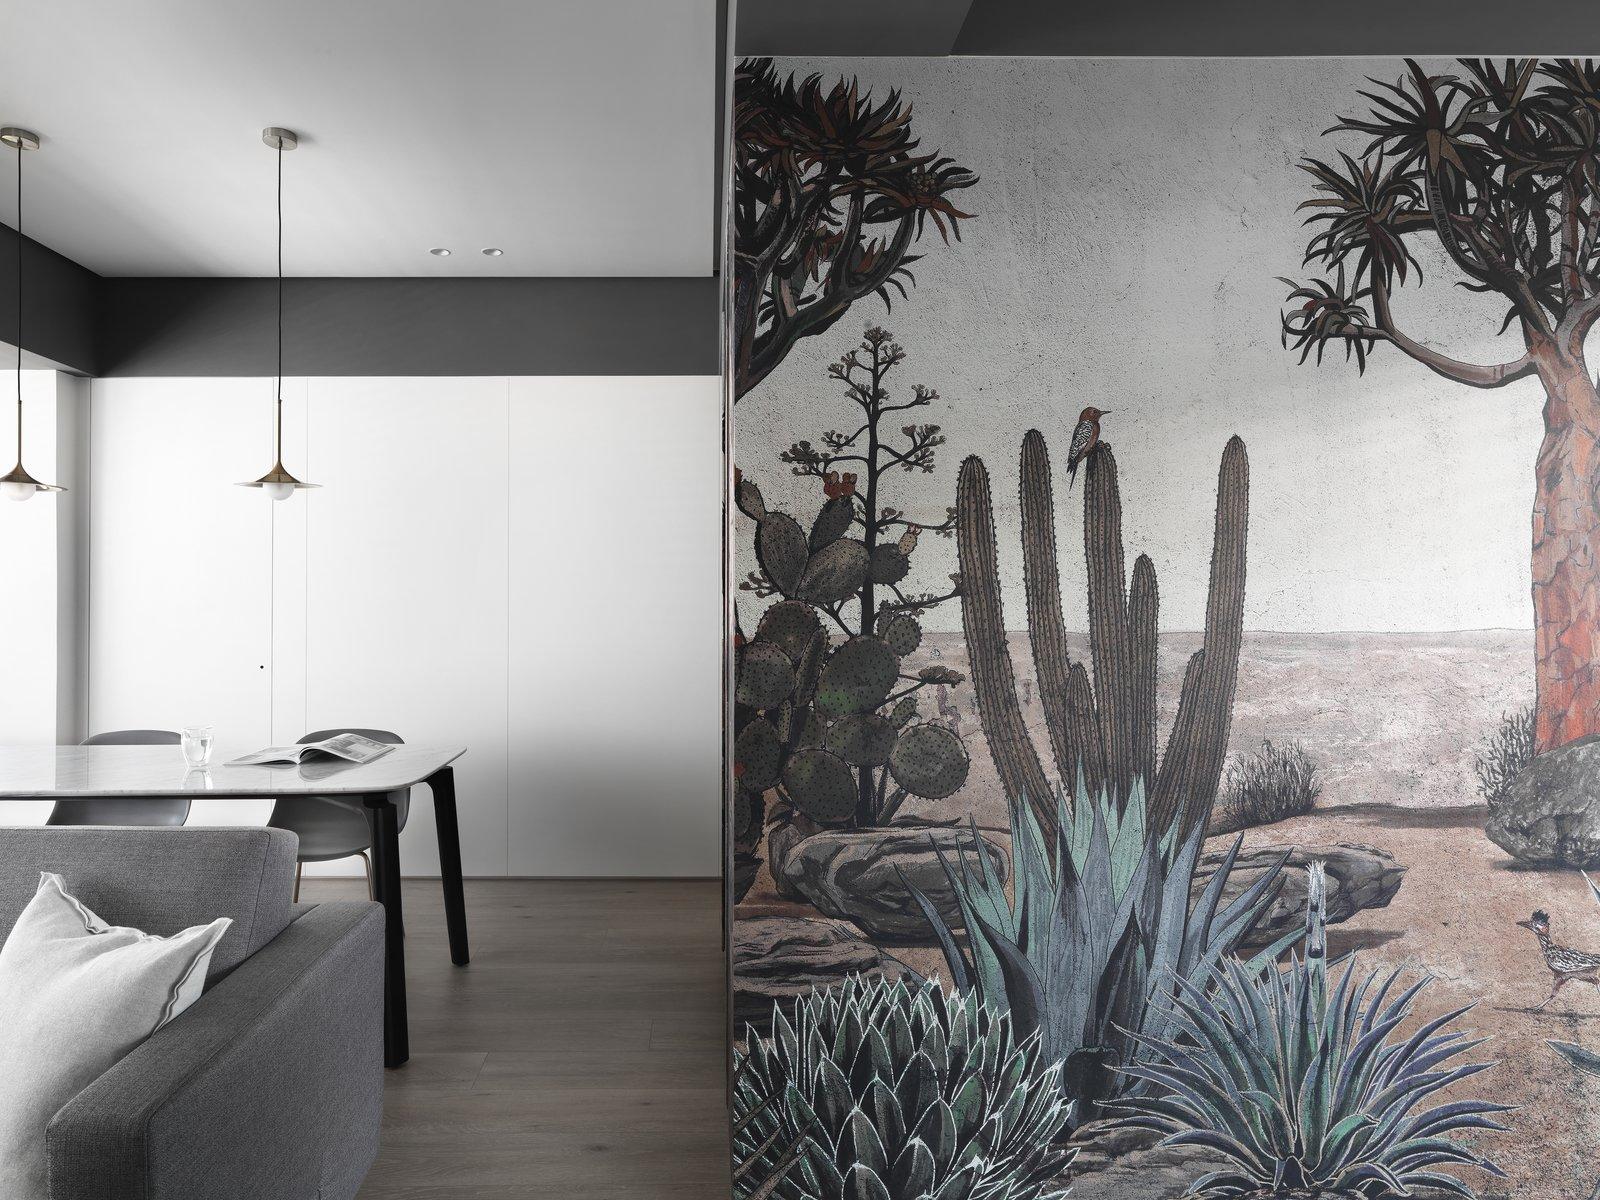 带客厅的现代住宅。 日常生活的隐形秩序照片19